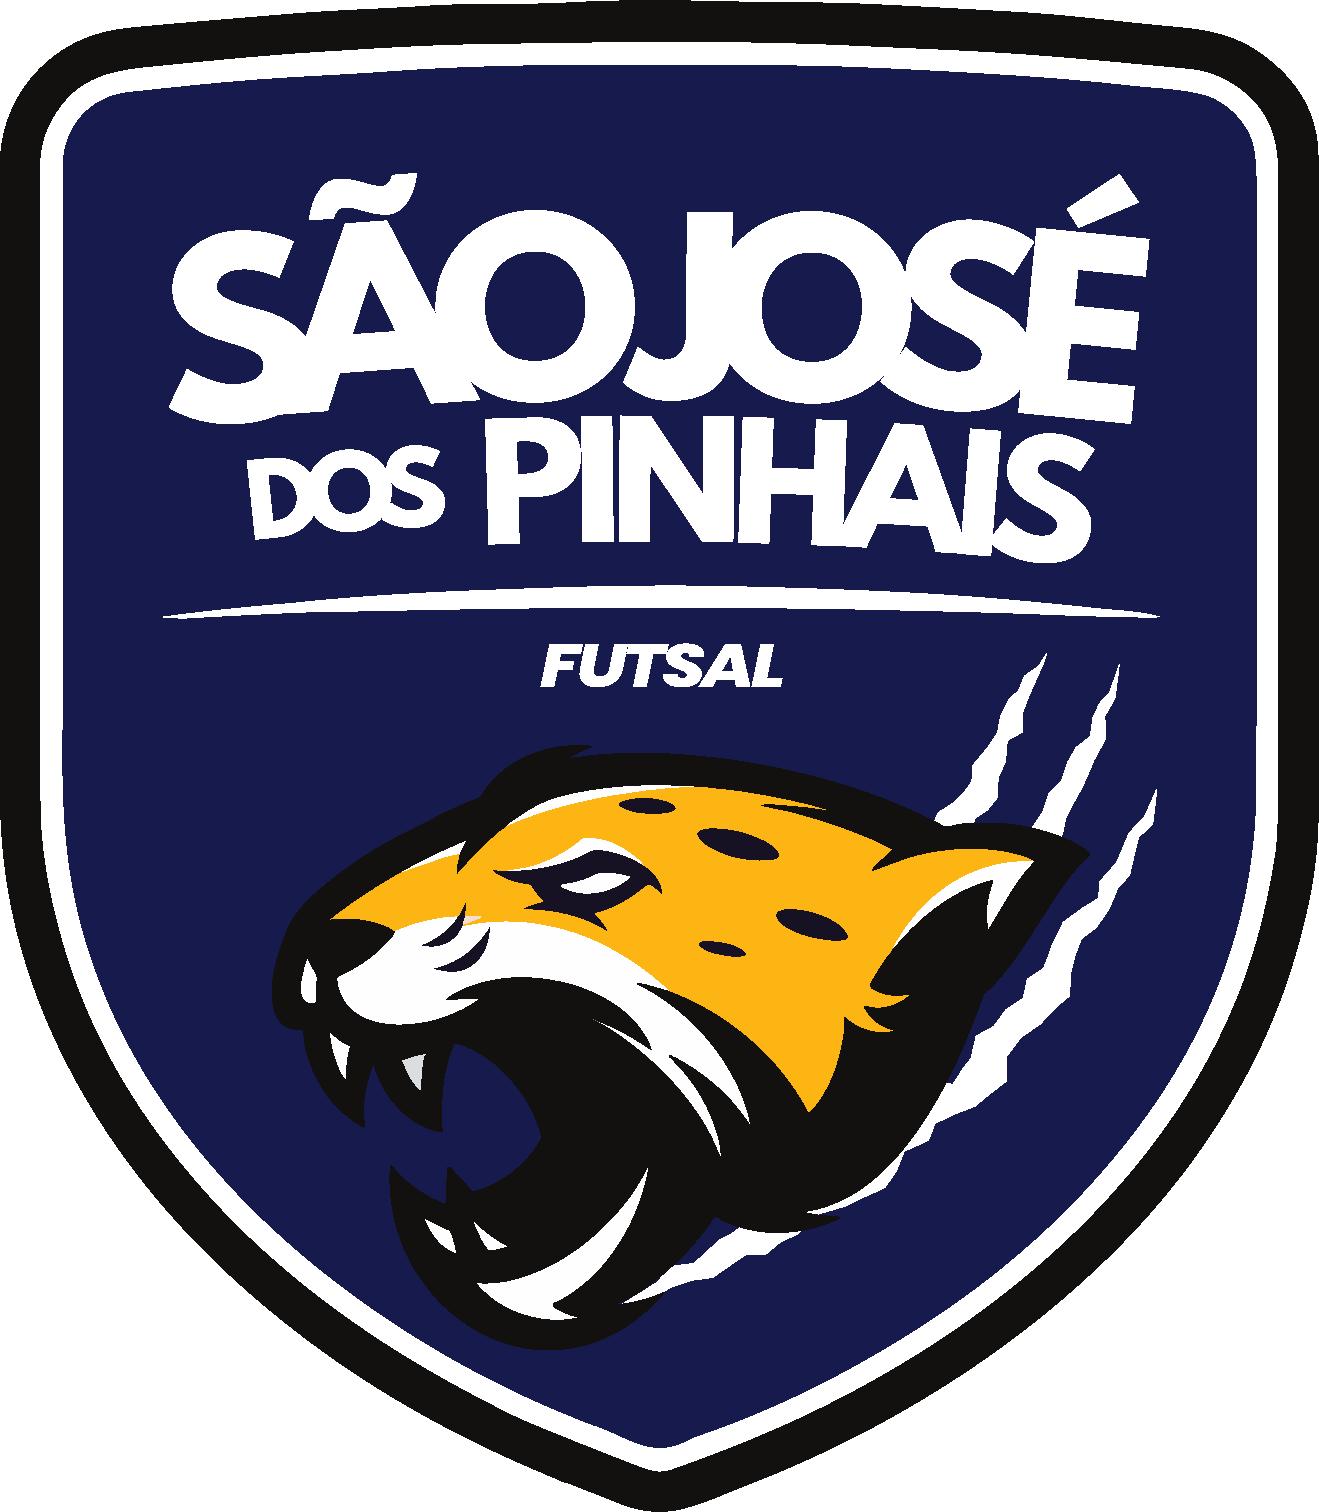 São José dos Pinhais Futsal